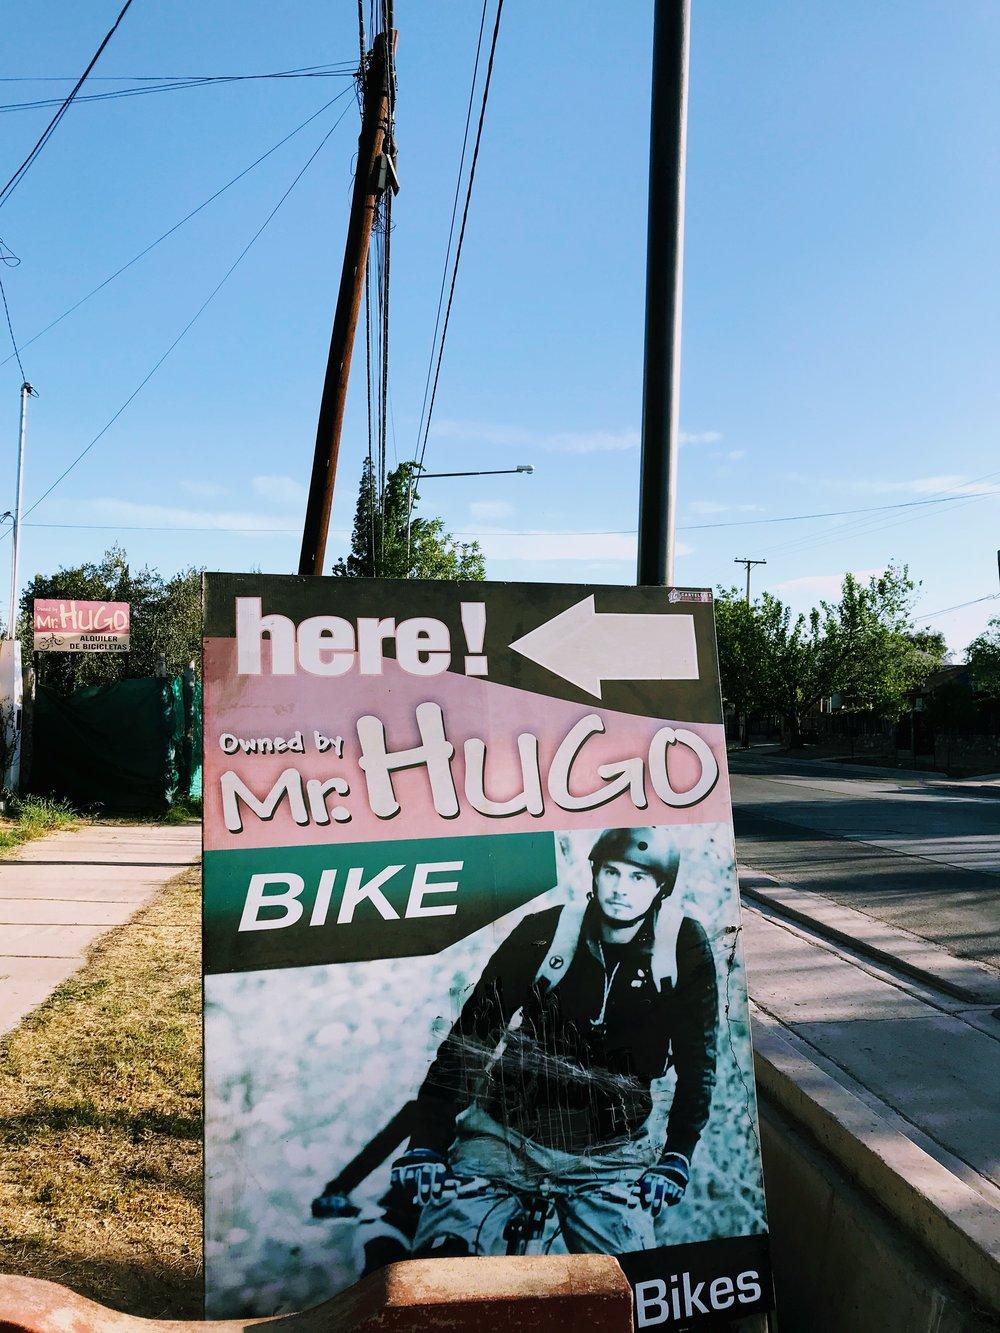 Mr Hugo's bike shop in Mendoza